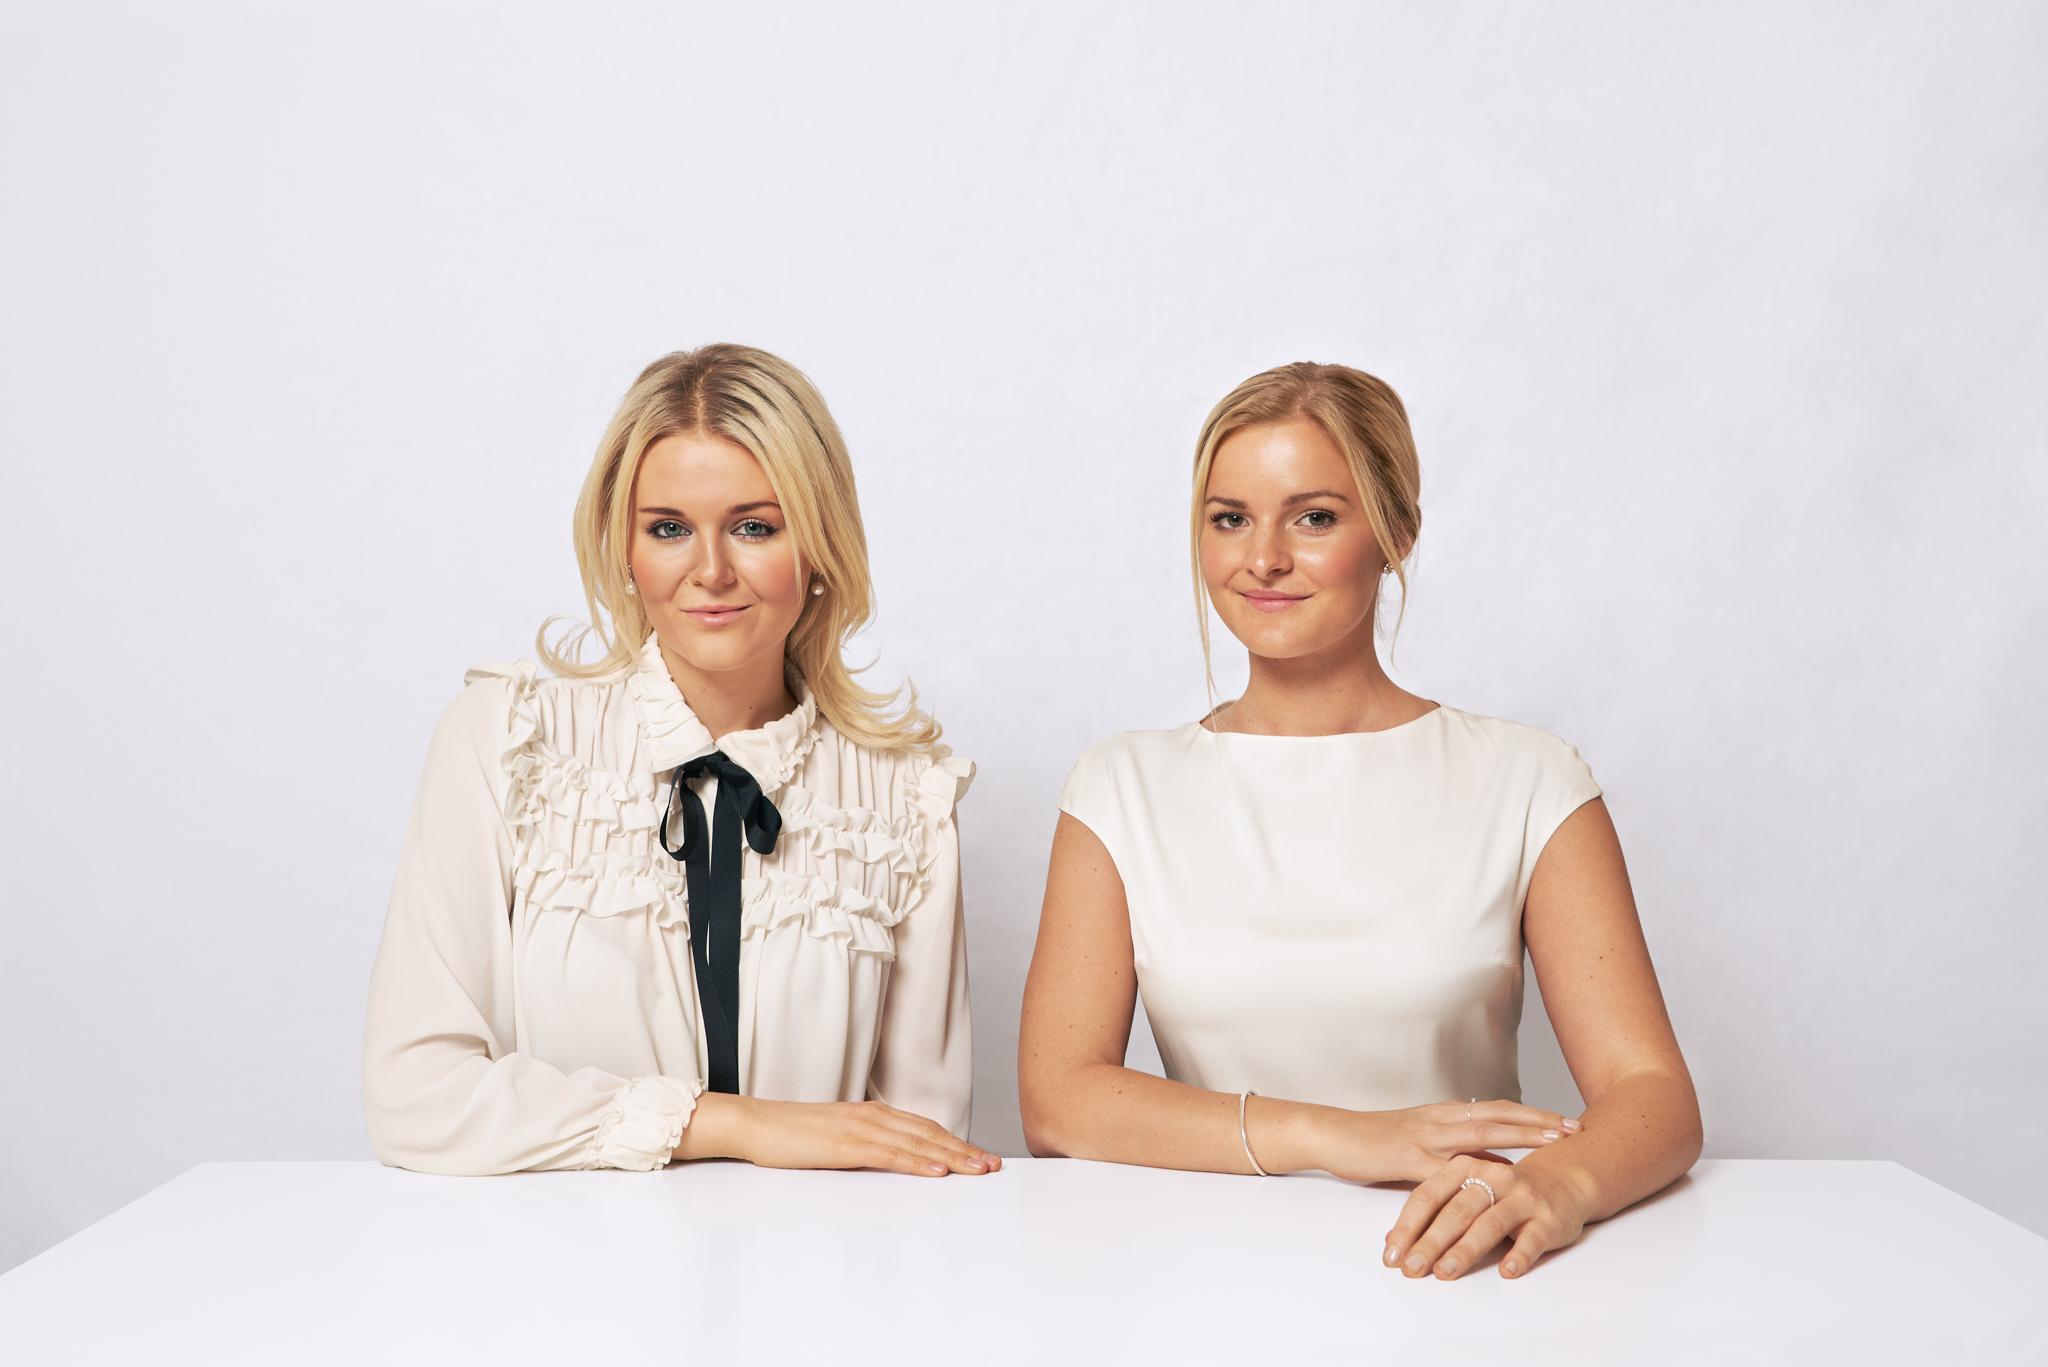 Vendela & Camilla bild.jpg